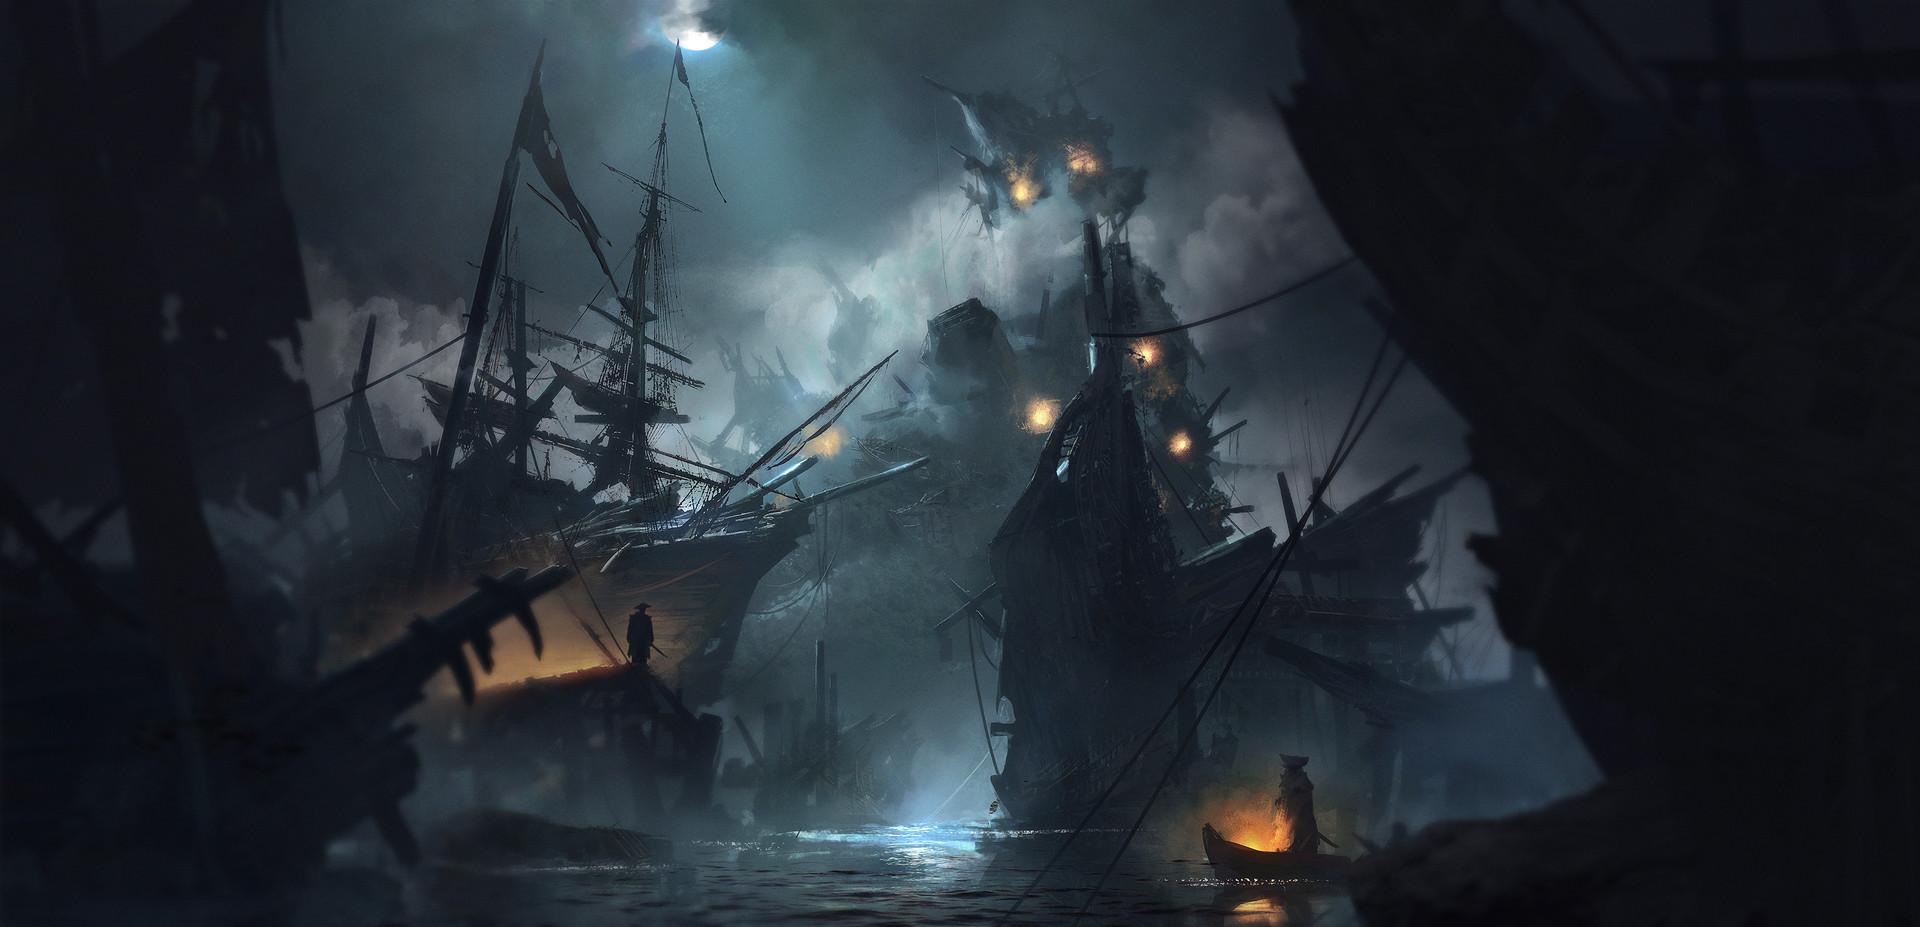 Lucas orstrom pirateshipwreckcove